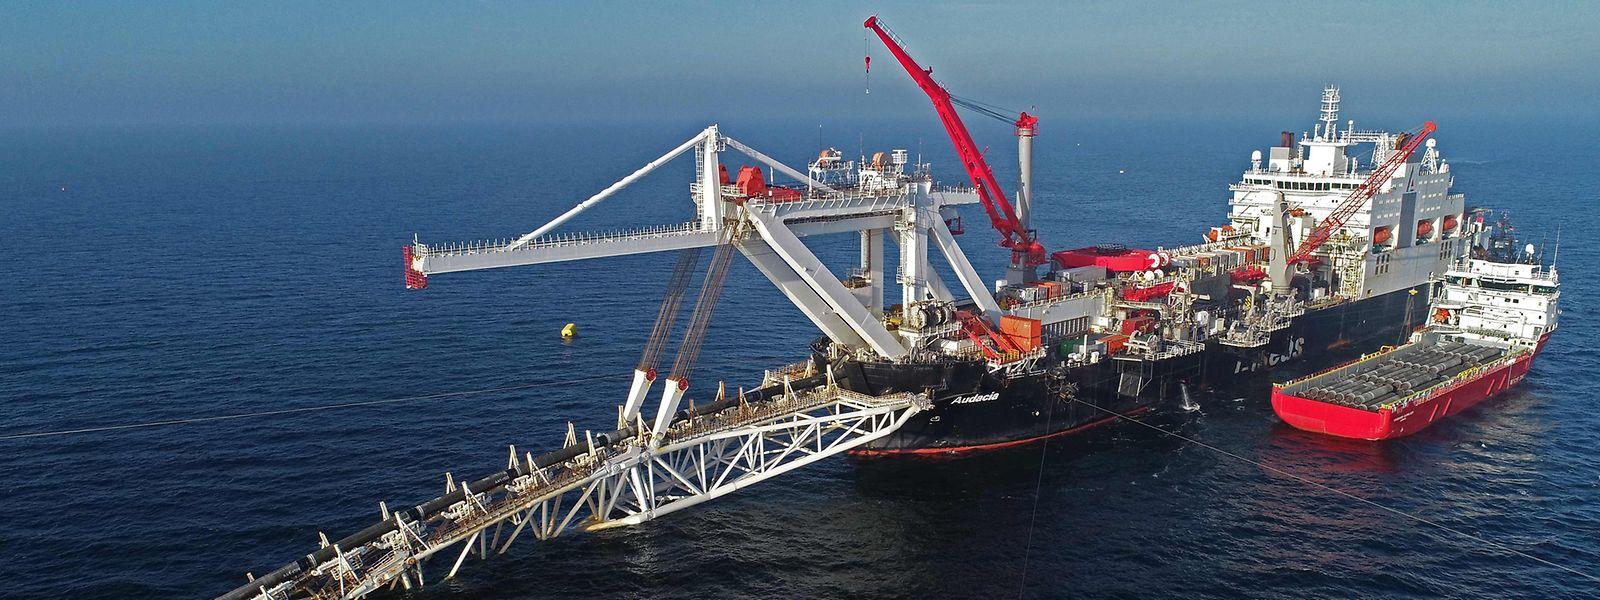 Die Pipeline ist nur Wochen vor der Fertigstellung. Die Schiffe könnten auf dem Weg nach Hause sein, wenn Sanktionen greifen.